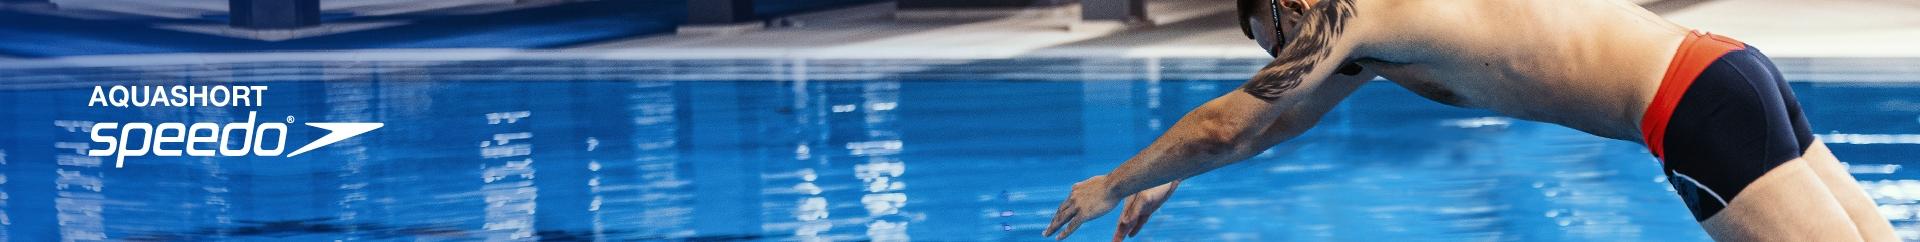 Speedo Argentina Aquashorts